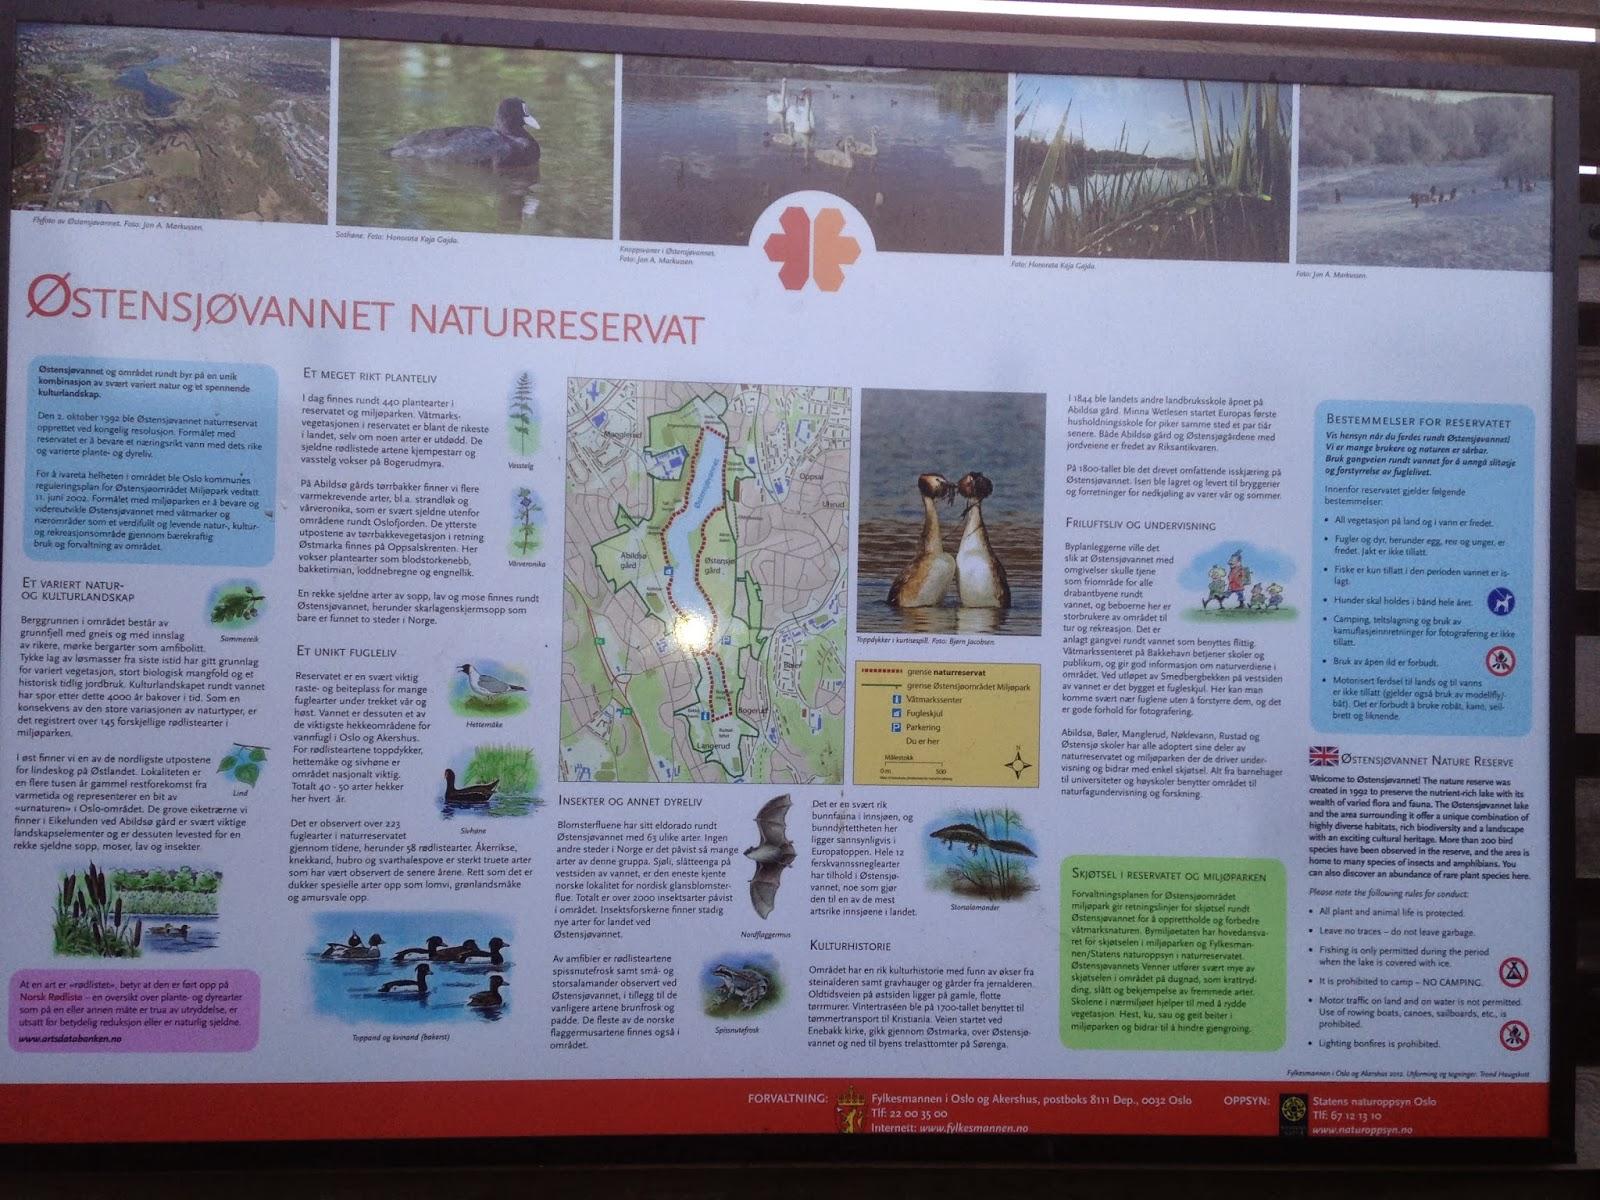 Oppslag og regler for hvordan man ferdes best innenfor naturreservatet.